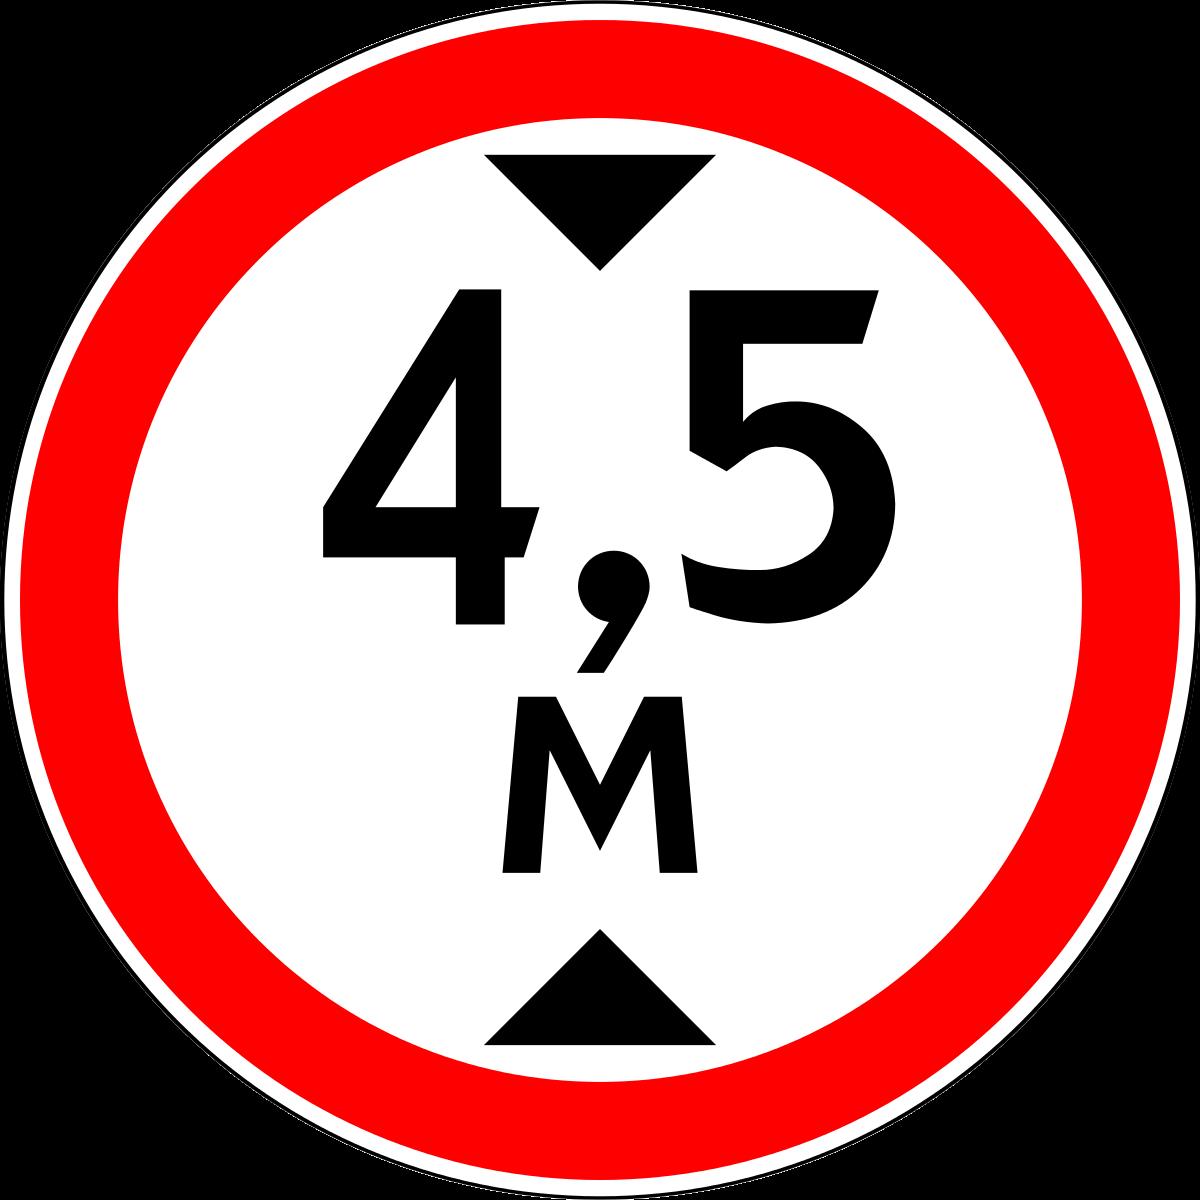 Знак 3.13 Ограничение высоты